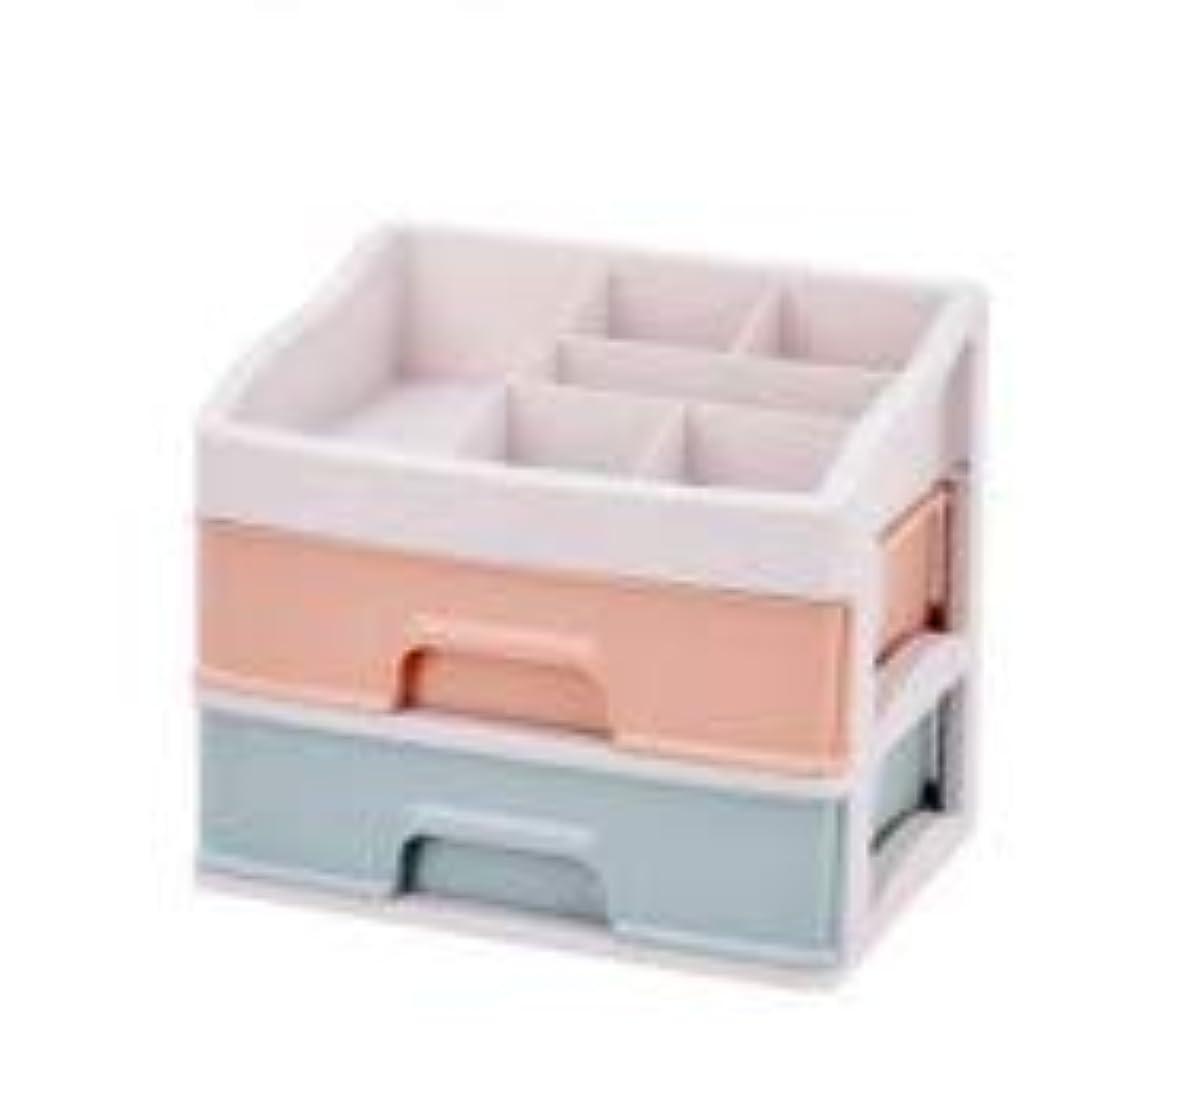 壊れた宝巡礼者化粧品収納ボックス引き出しデスクトップ収納ラック化粧台化粧品ケーススキンケア製品 (Size : M)